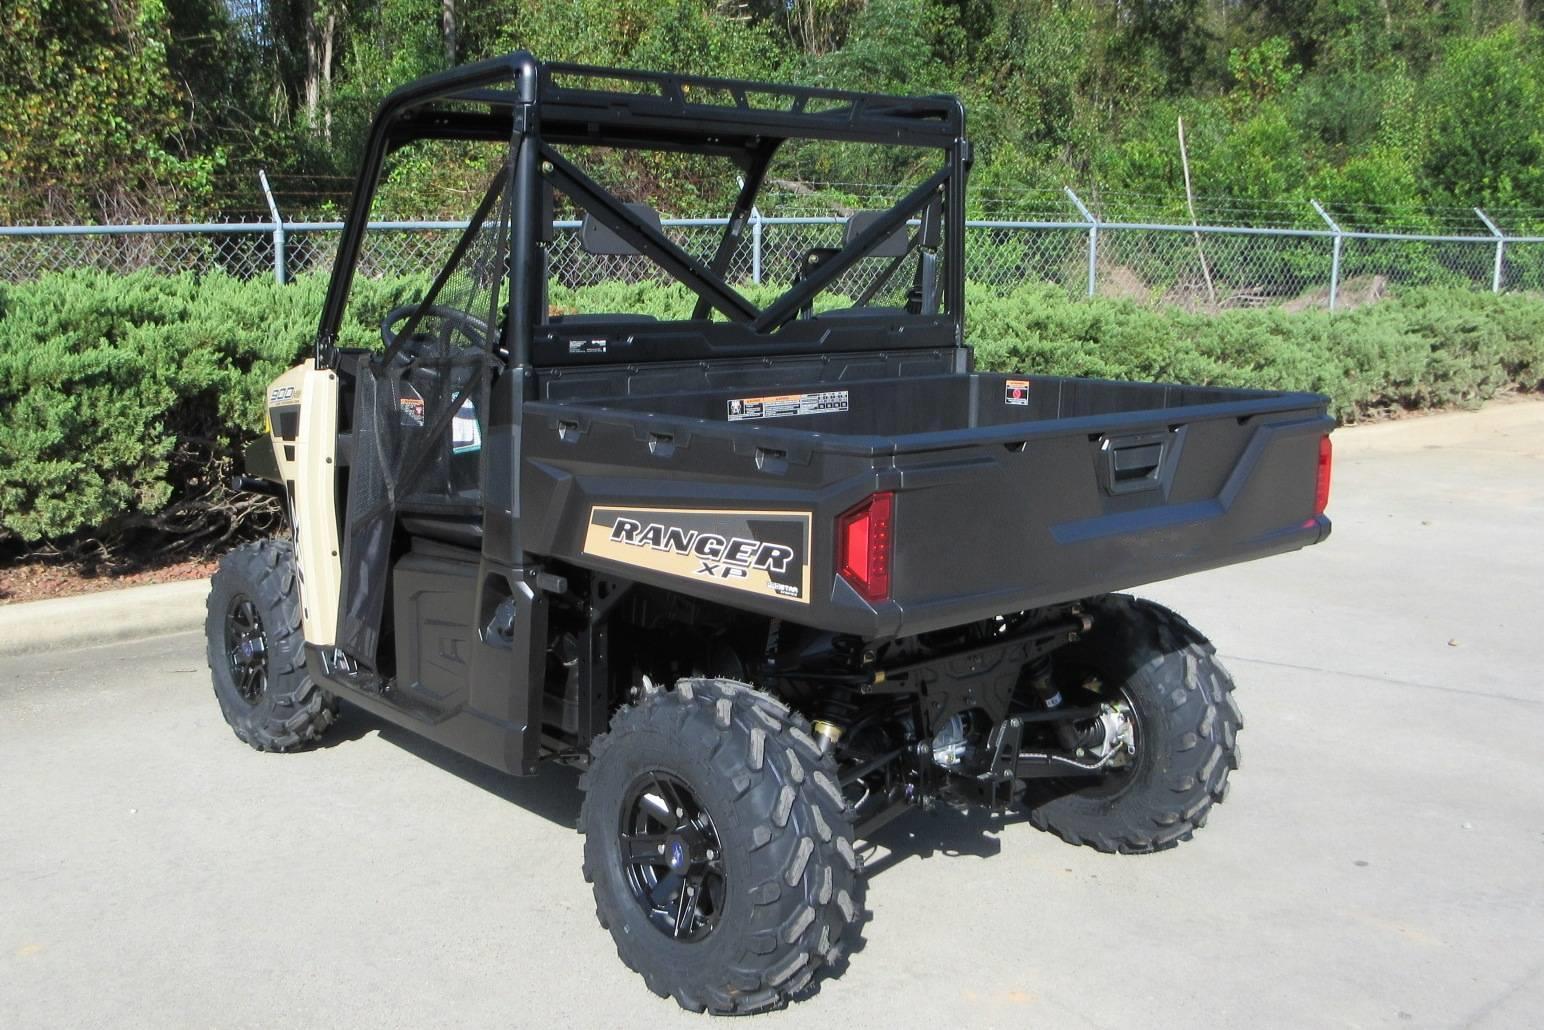 Factory Supplier Ranger XP 900 EPS UTV 16